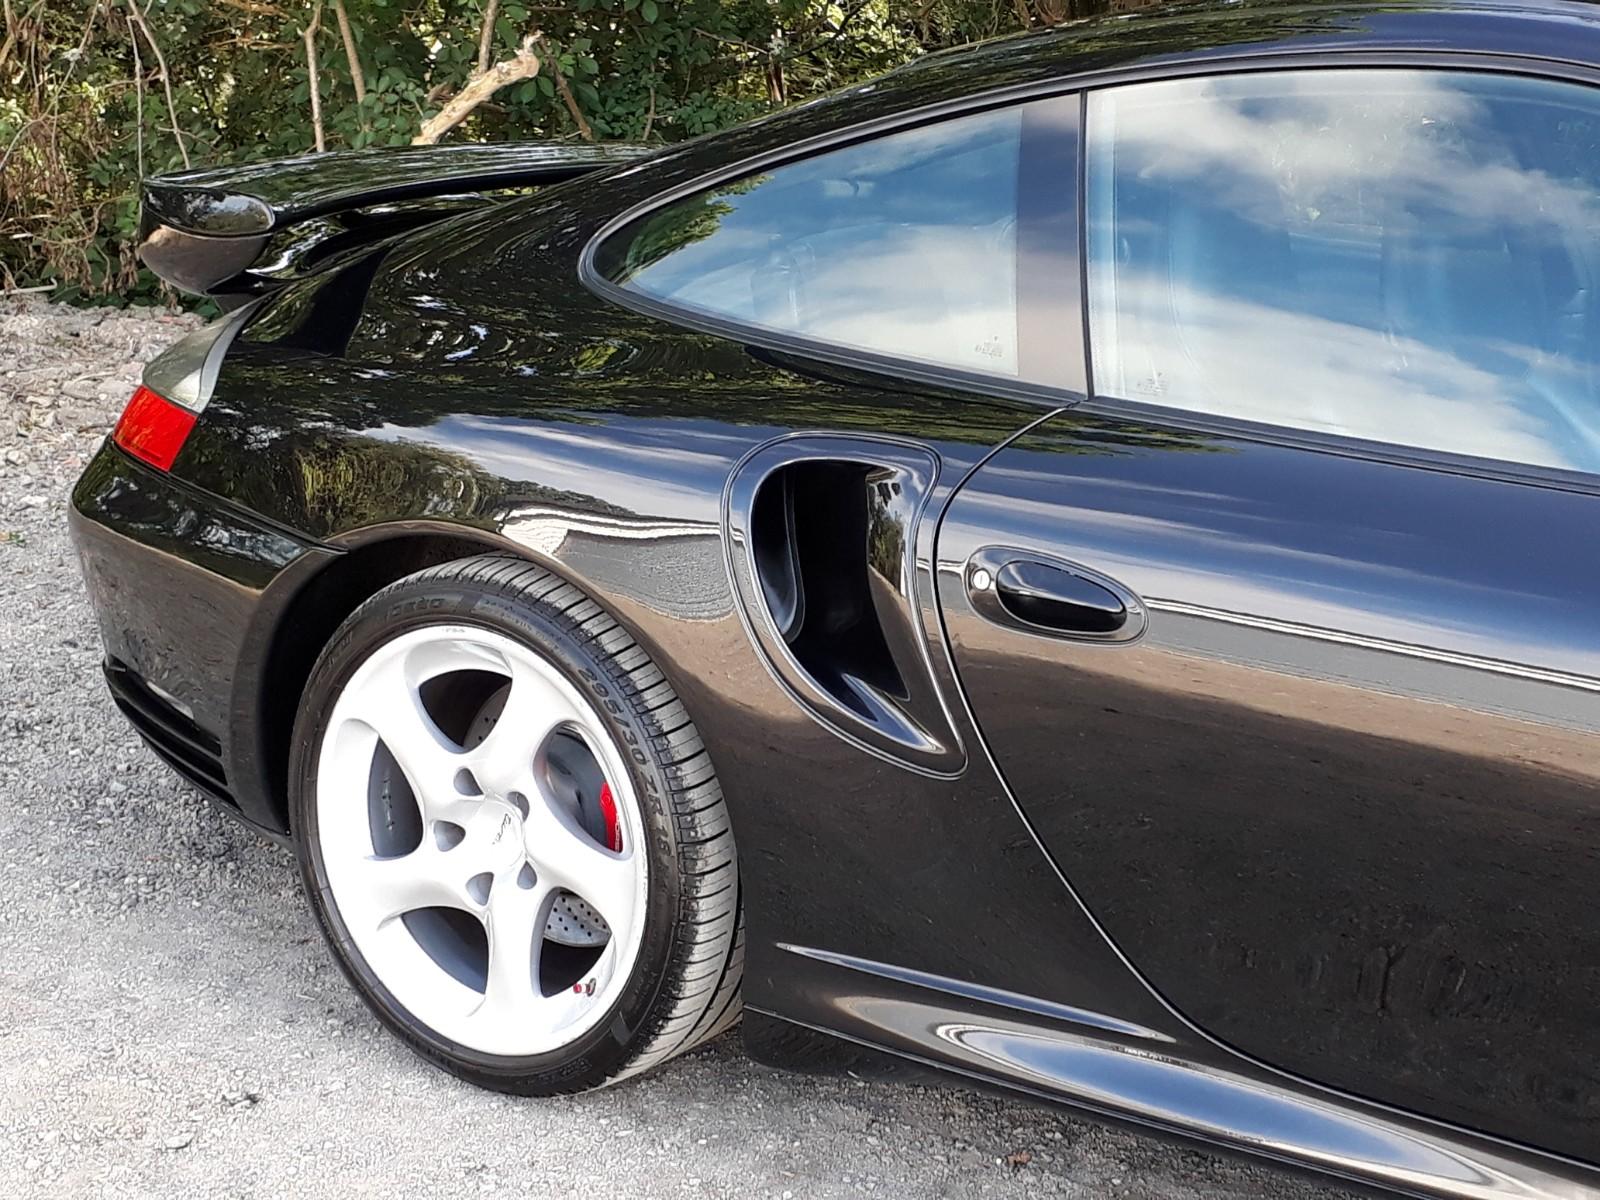 Porsche 911 Turbo Exterior